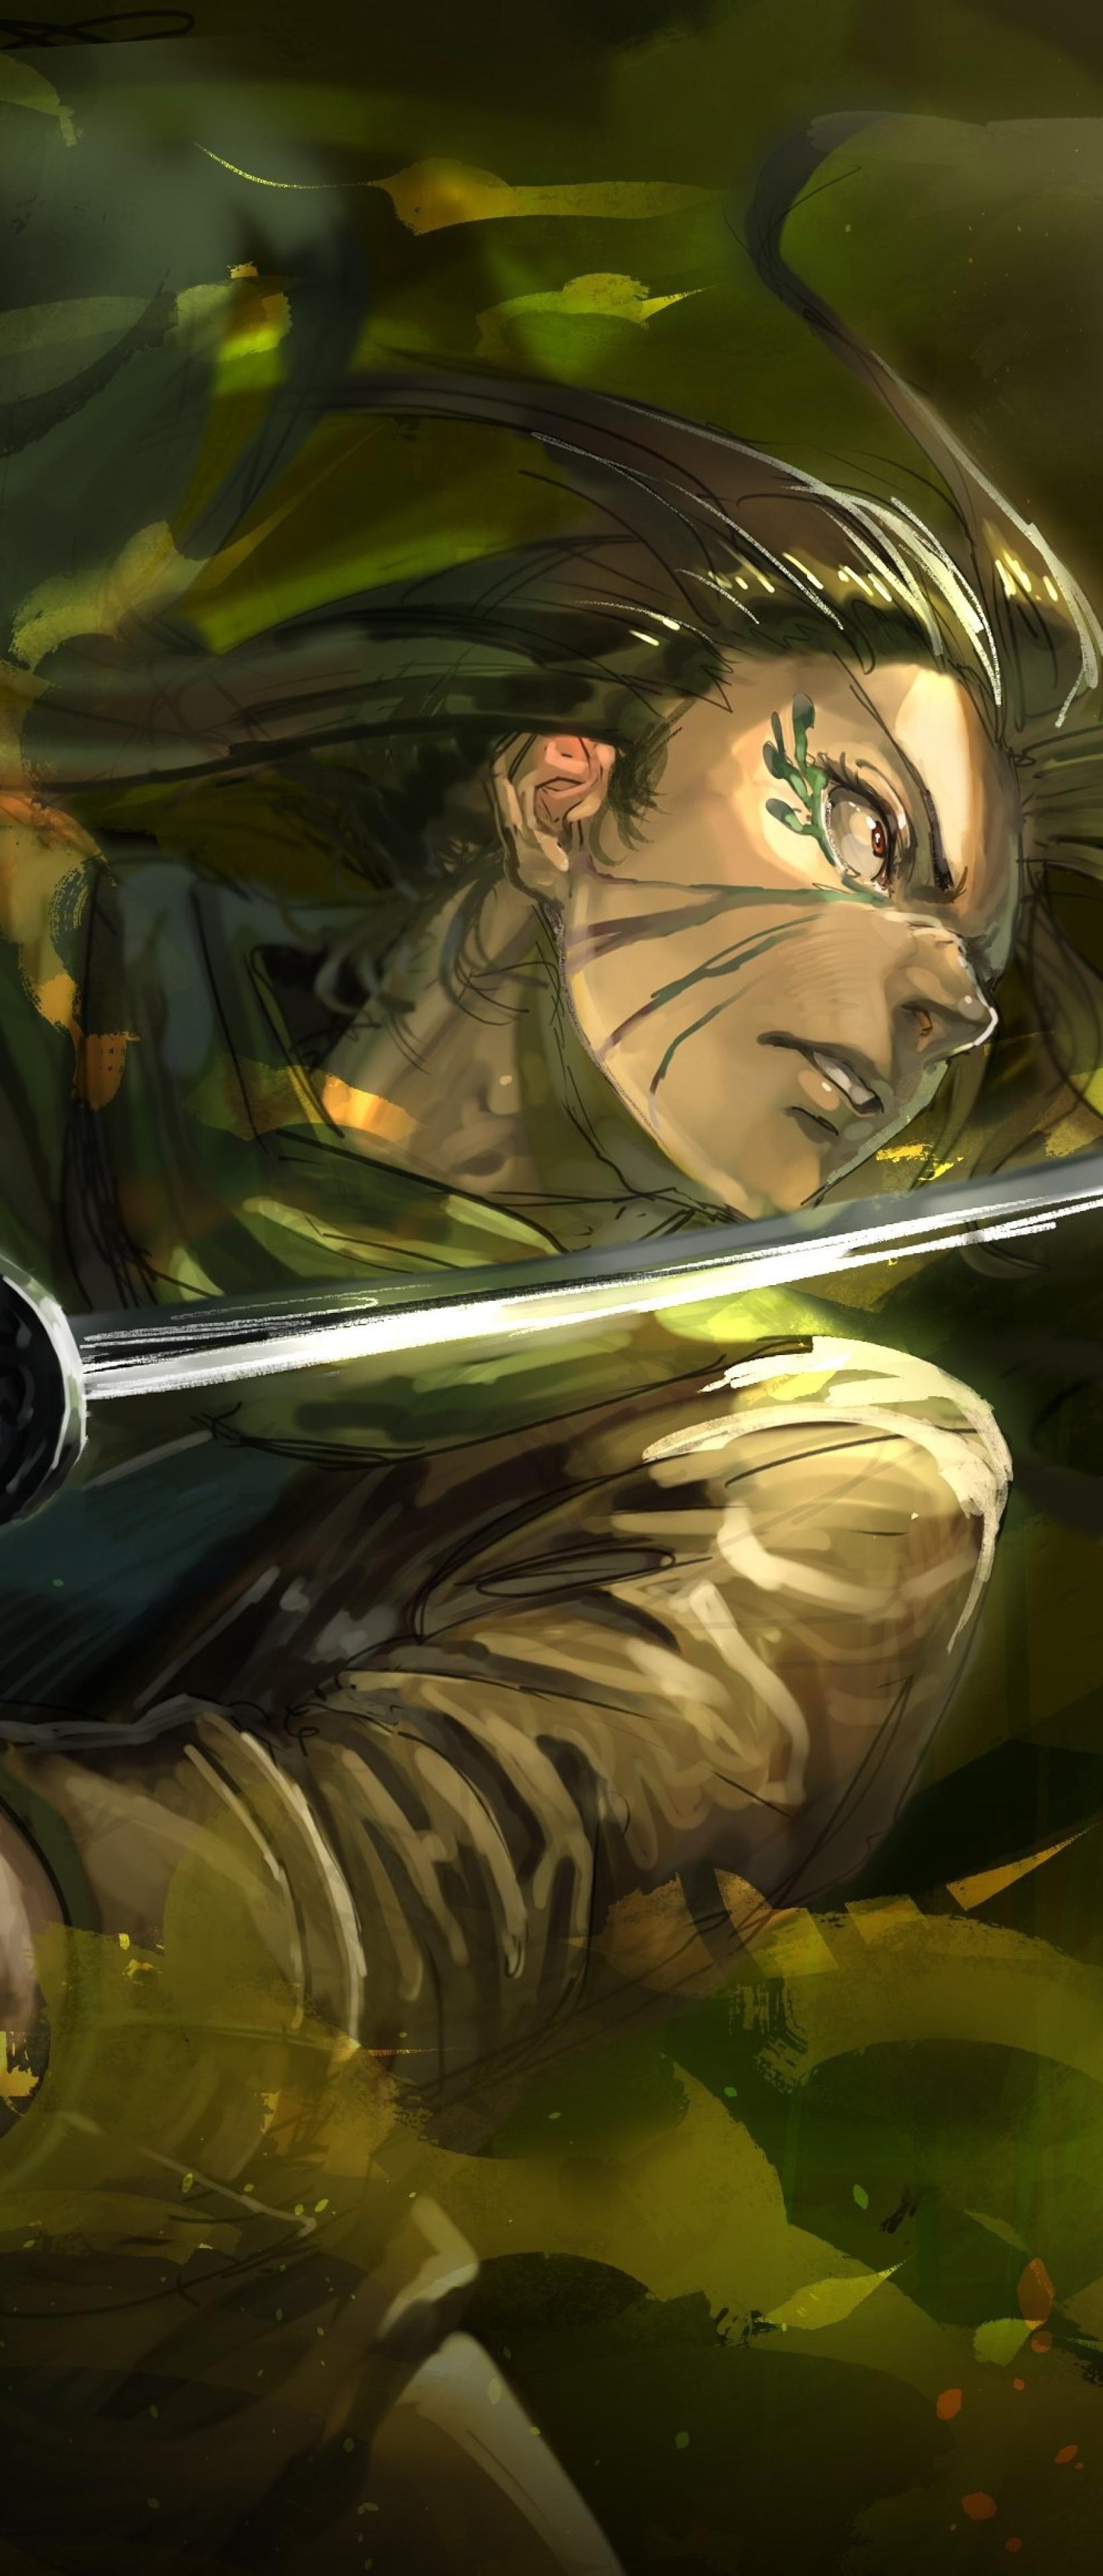 1644x3840 Itachi Uchiha 4K Digital Art 1644x3840 ...